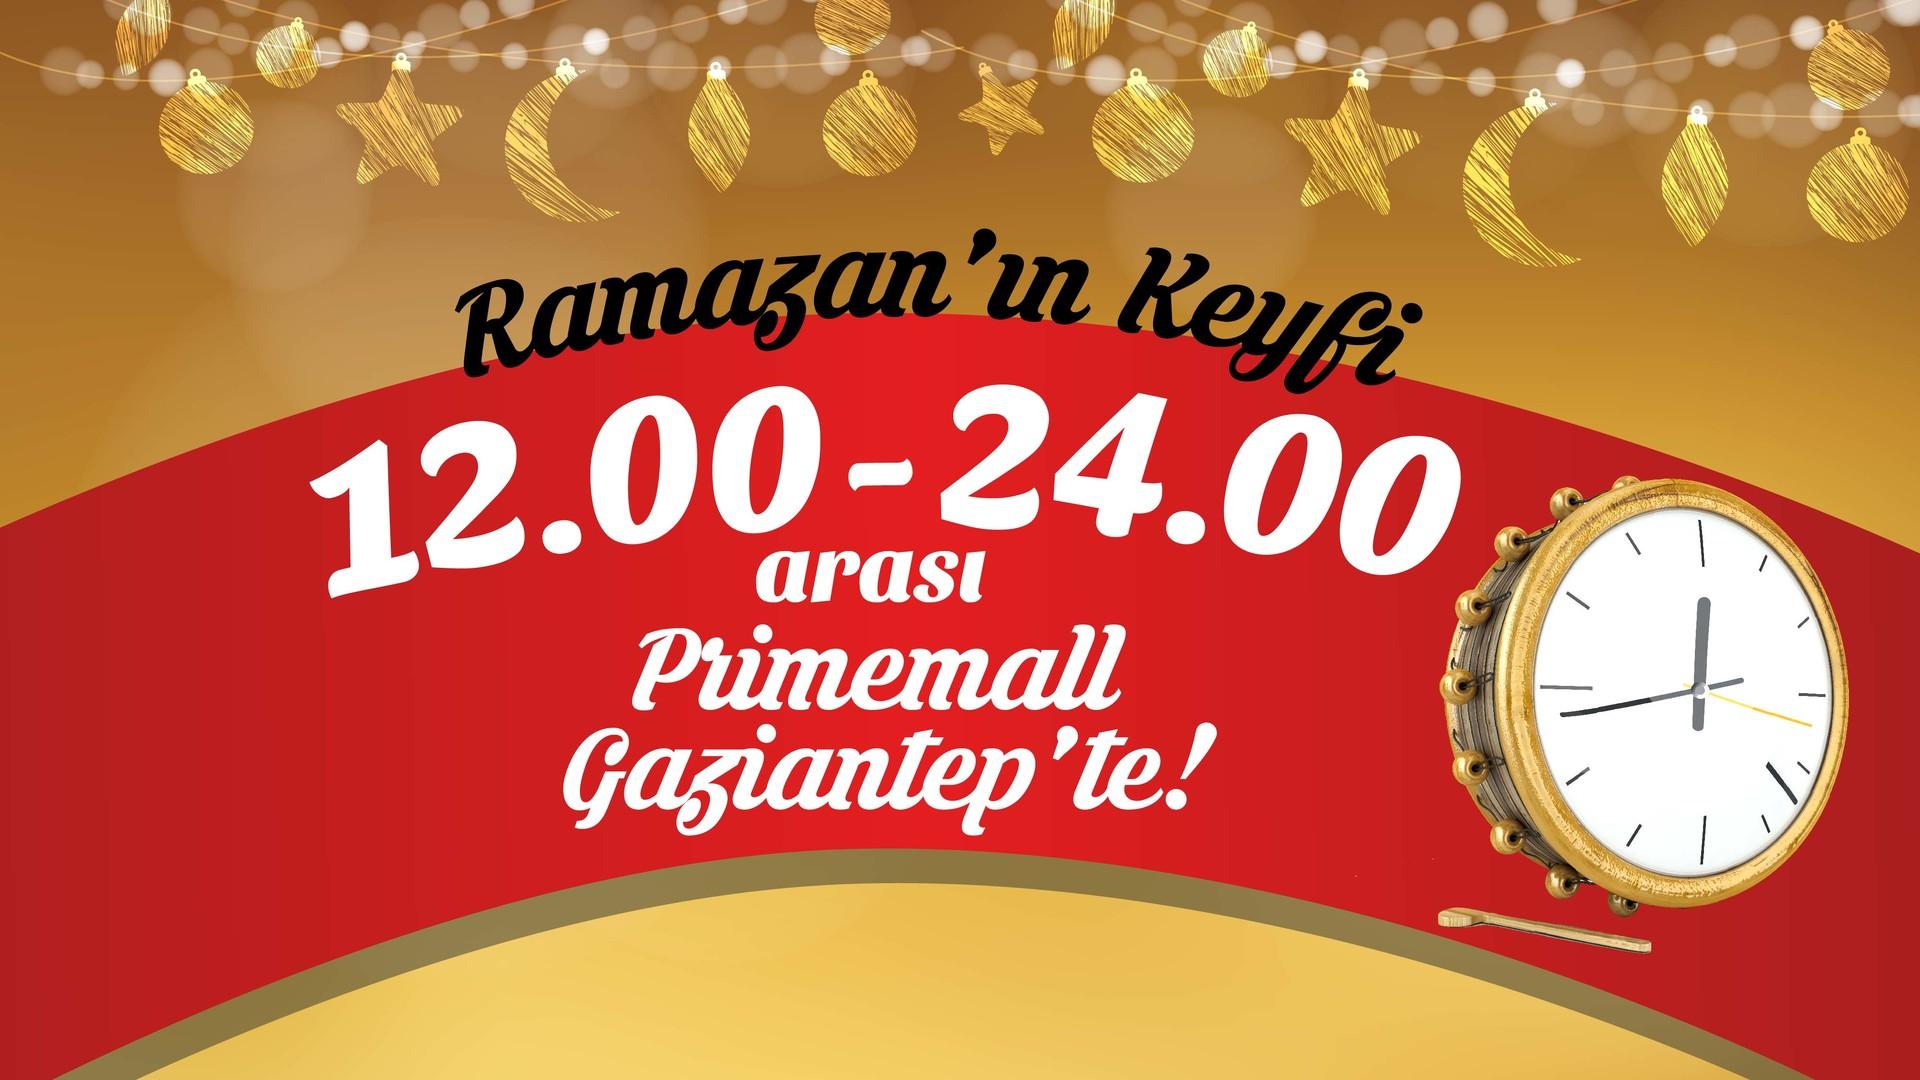 Ramazan'ın keyfi Primemall Gaziantep'te!